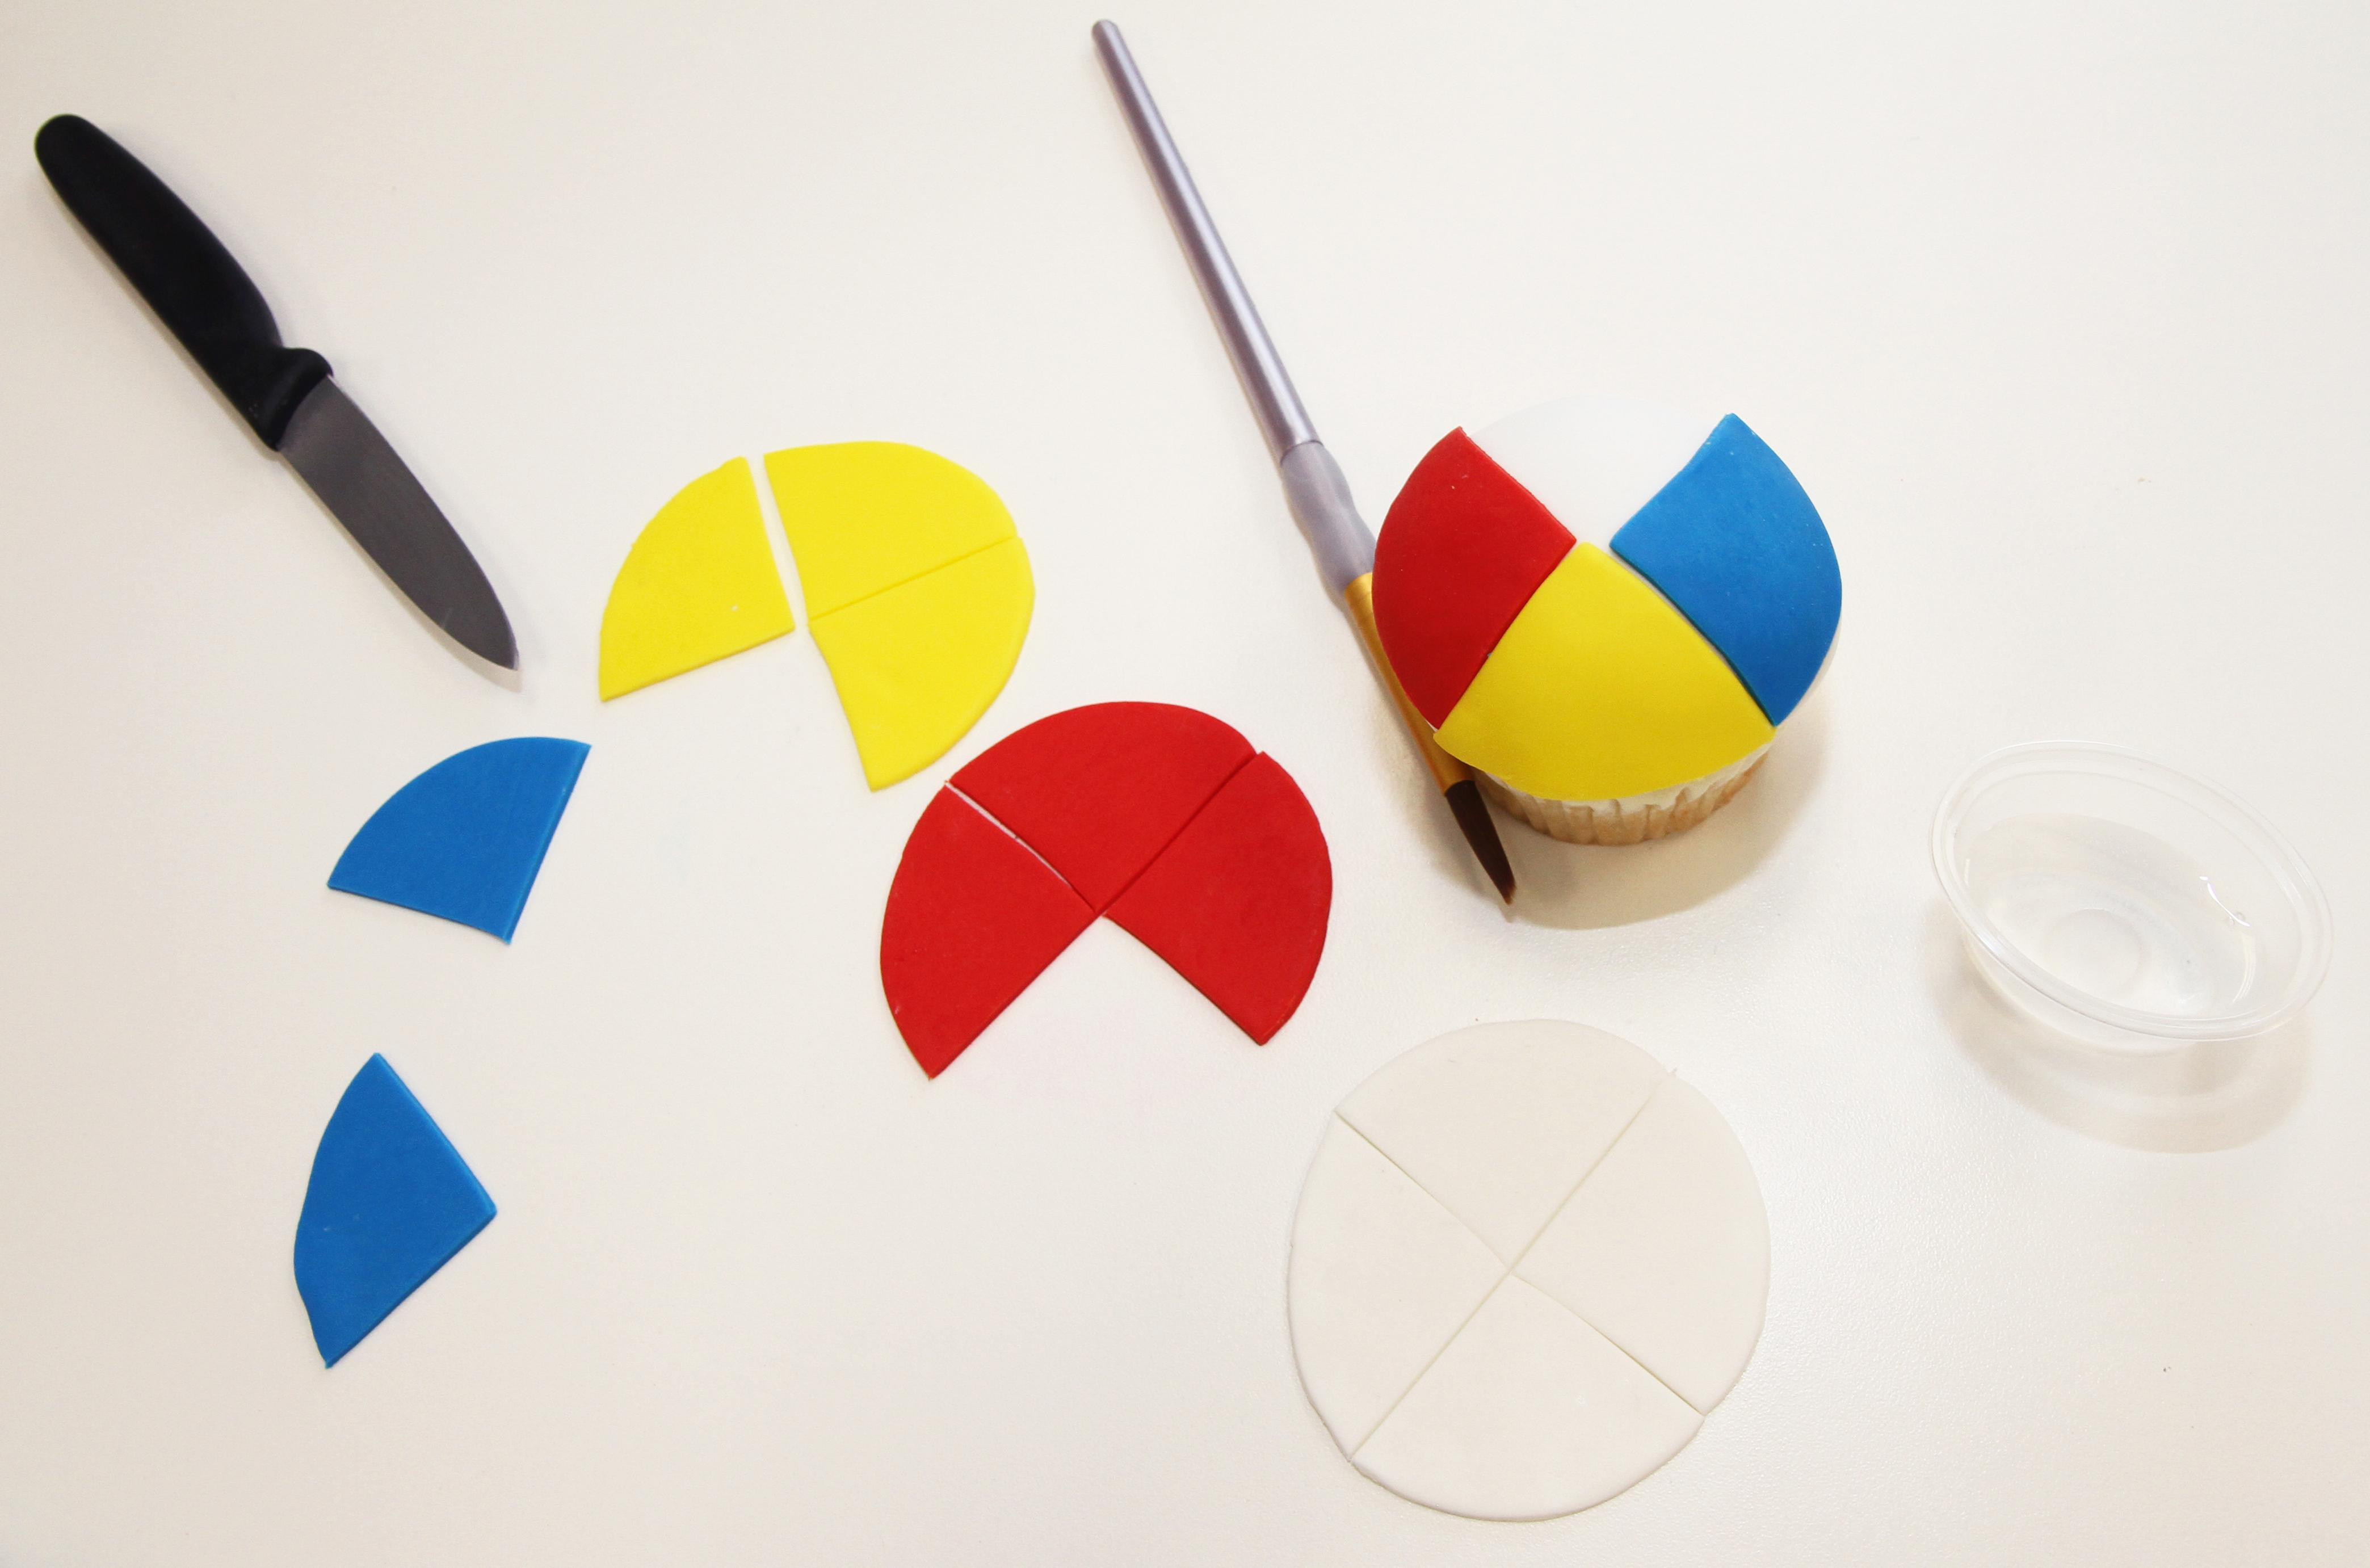 beach-ball-6.jpg#asset:15567